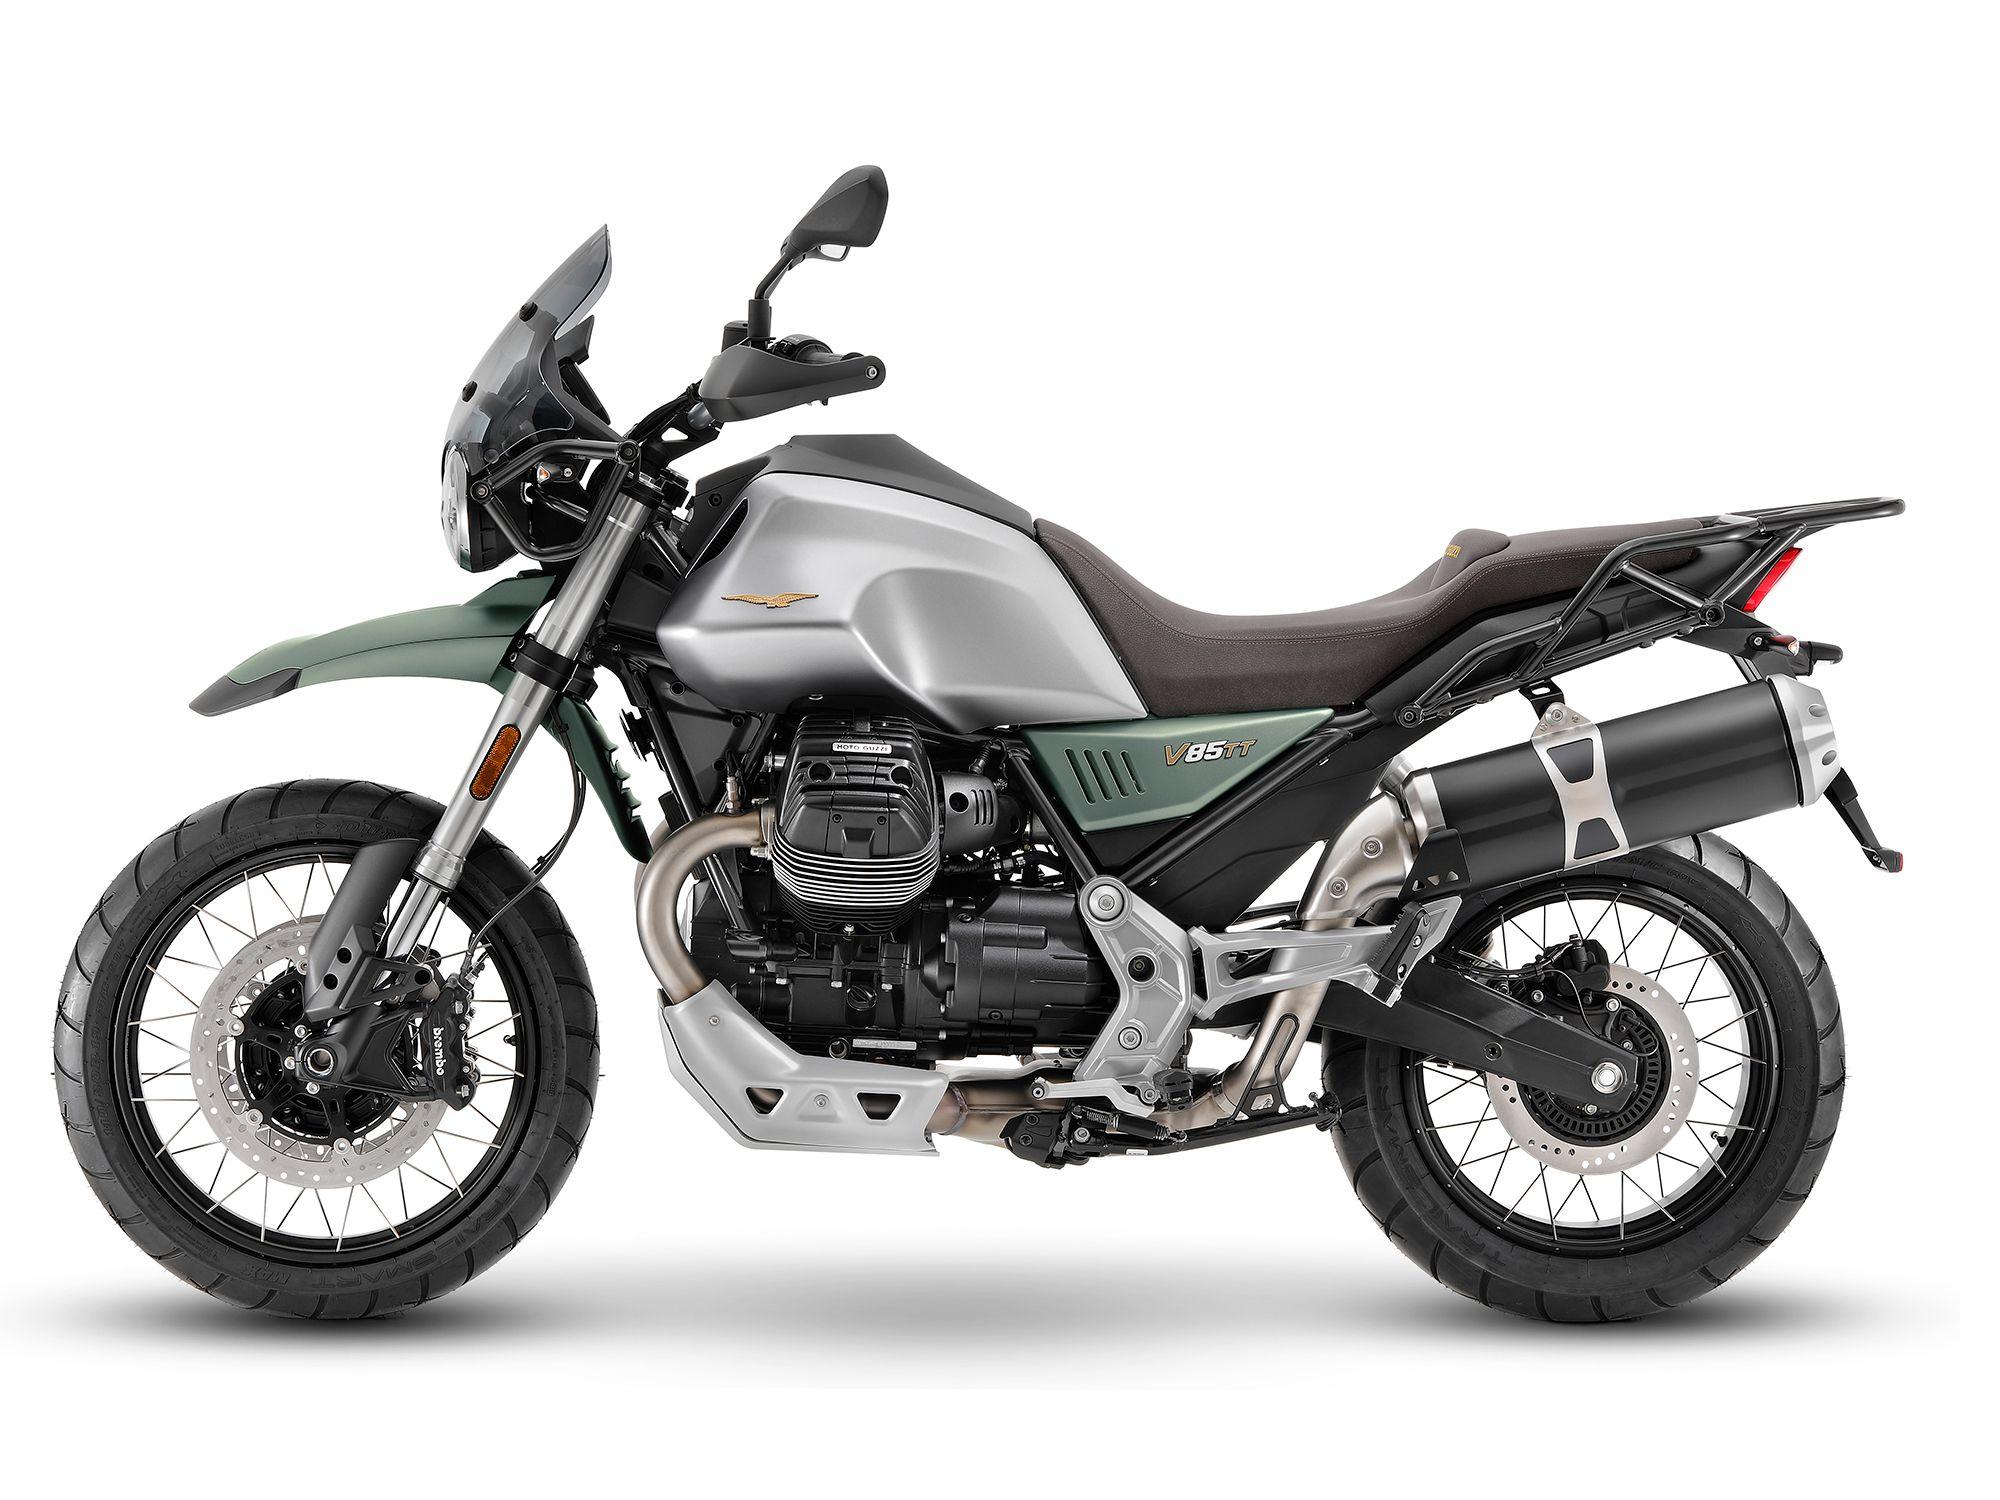 V85 TT 2021 года был обновлен к 2021 году и выглядит очень остро в серебристом и зеленом цветах.